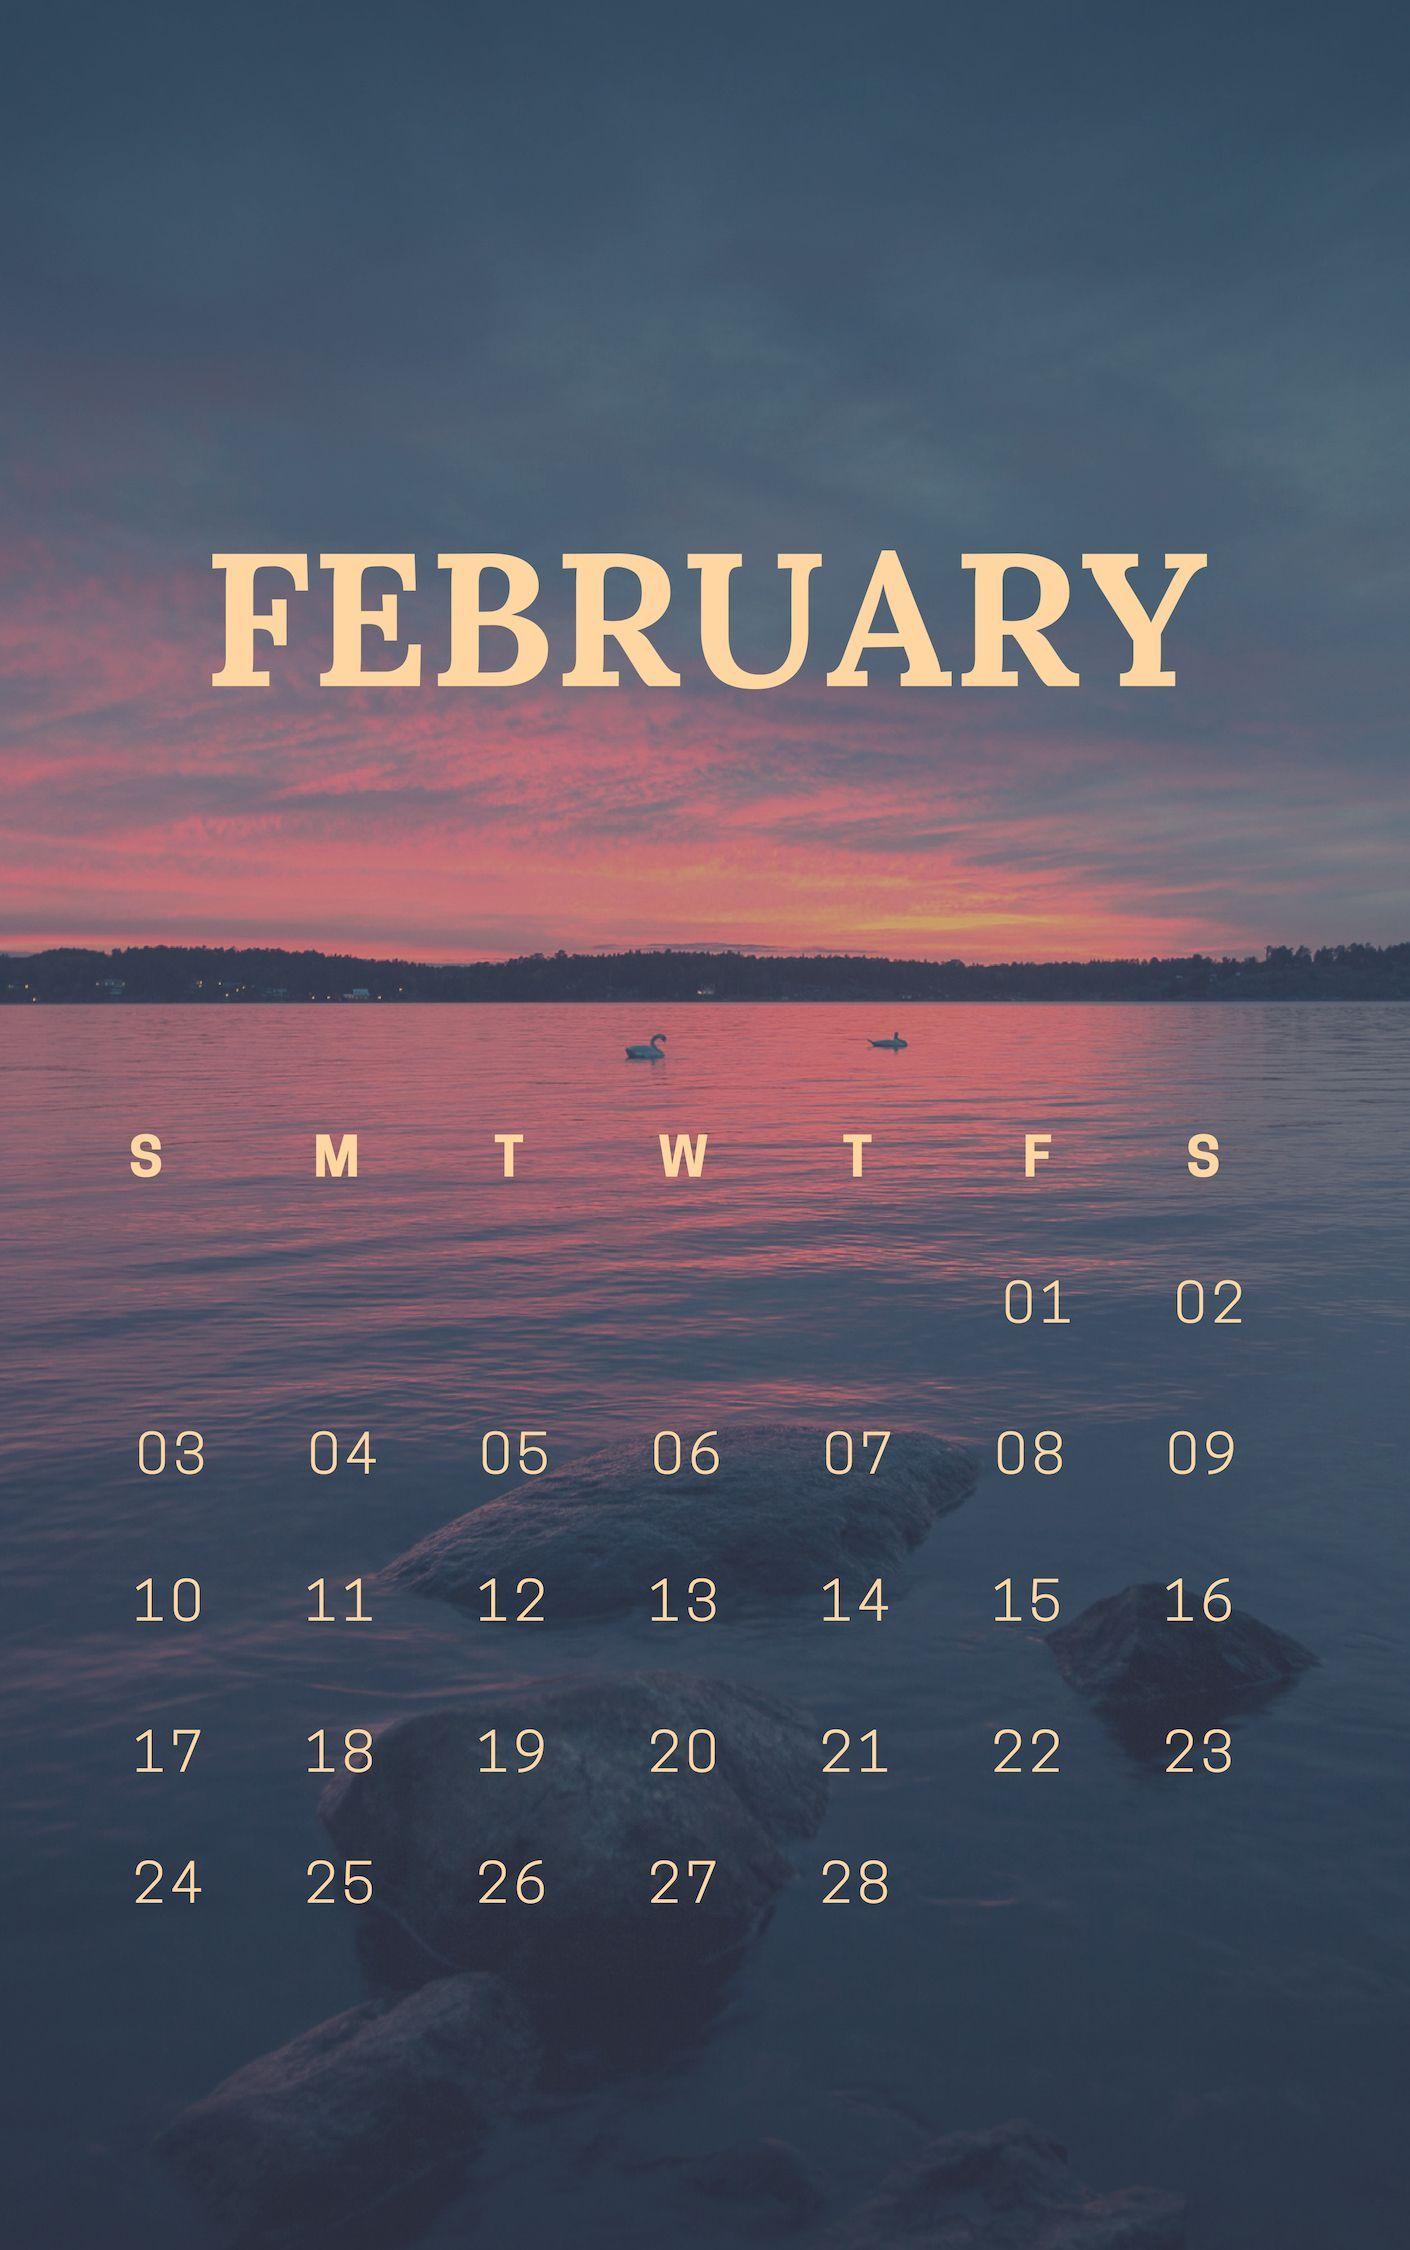 February Calendar M - F 2019 february 2019 sunrise calendar wallpaper   Web design in 2019